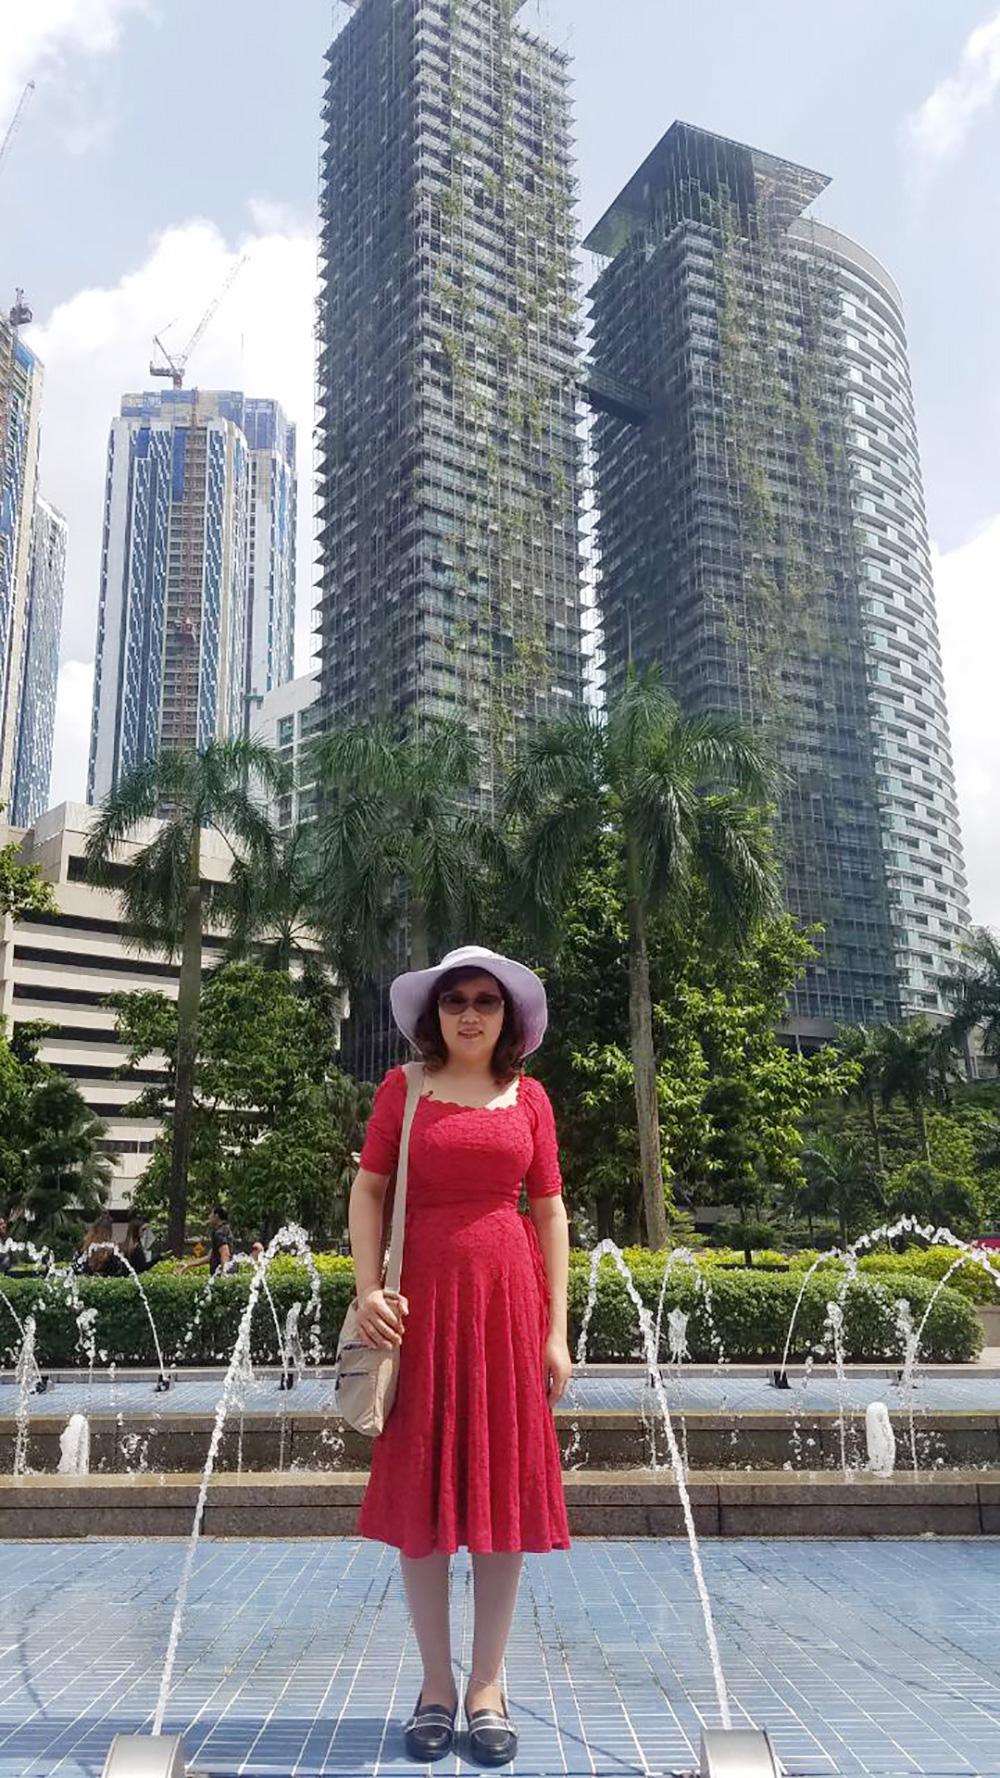 Đoàn khách tham quan Singapore - Malaysia - Thái Lan ngày 29/12/2018